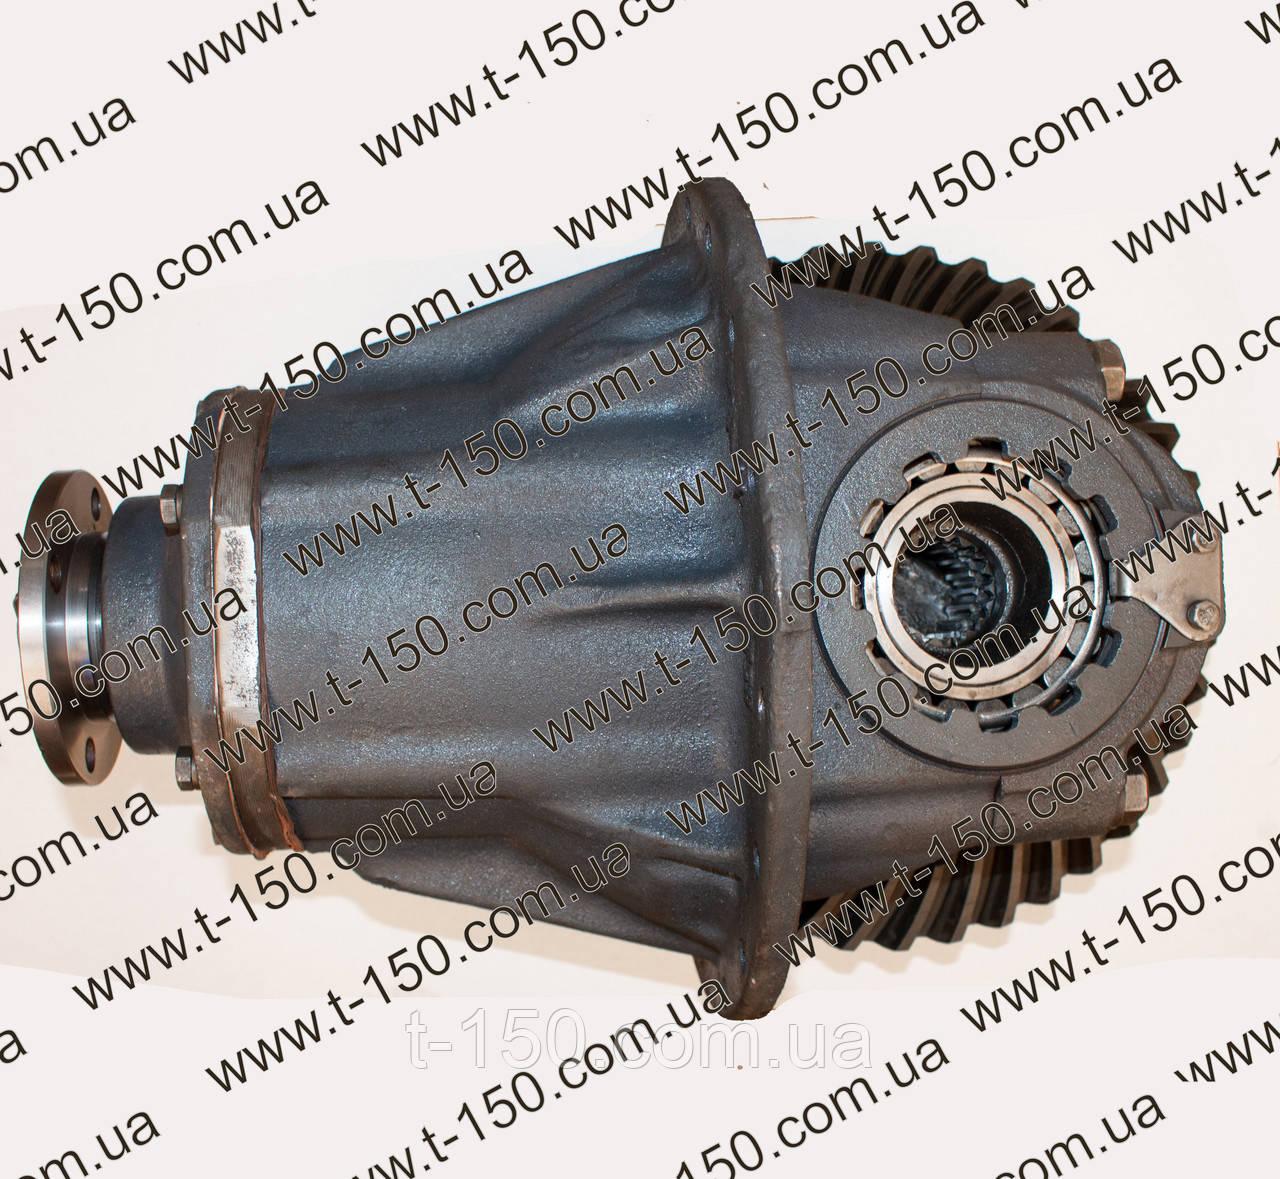 Главная передача (редуктор колесный) Т-150К (151.72.011-5А) новый